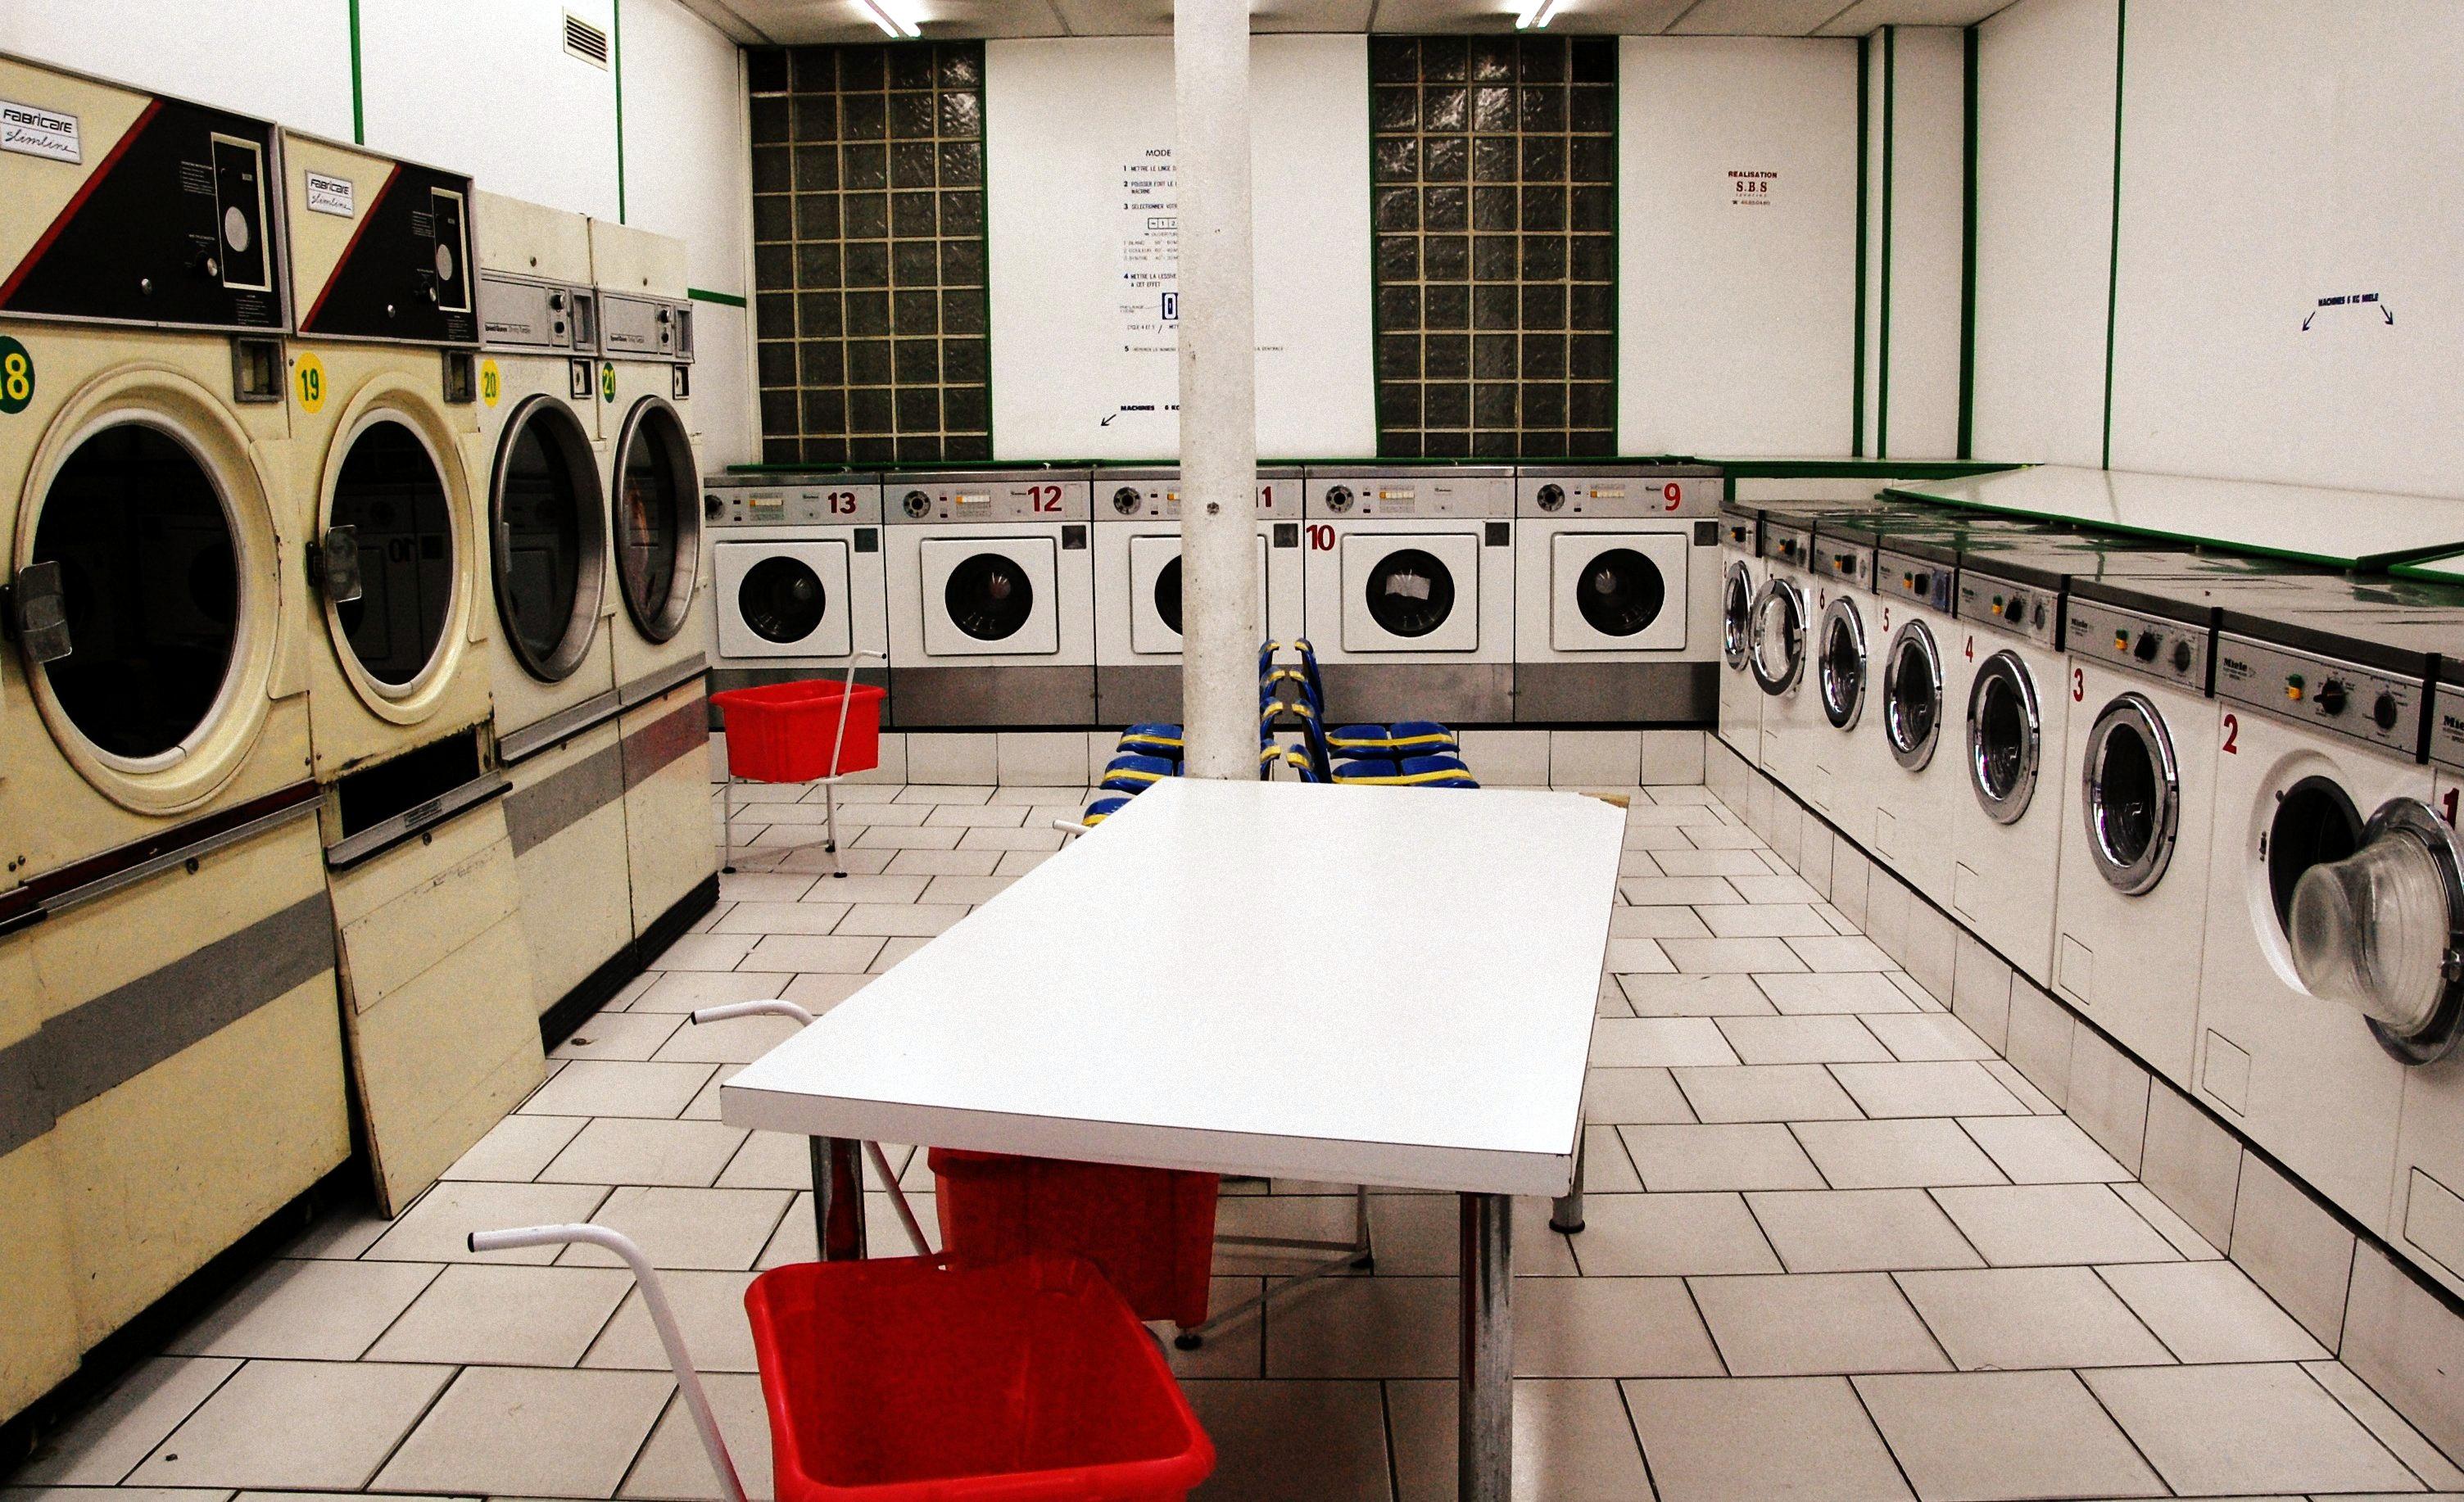 Laundry Laundry Jobs in Qatar